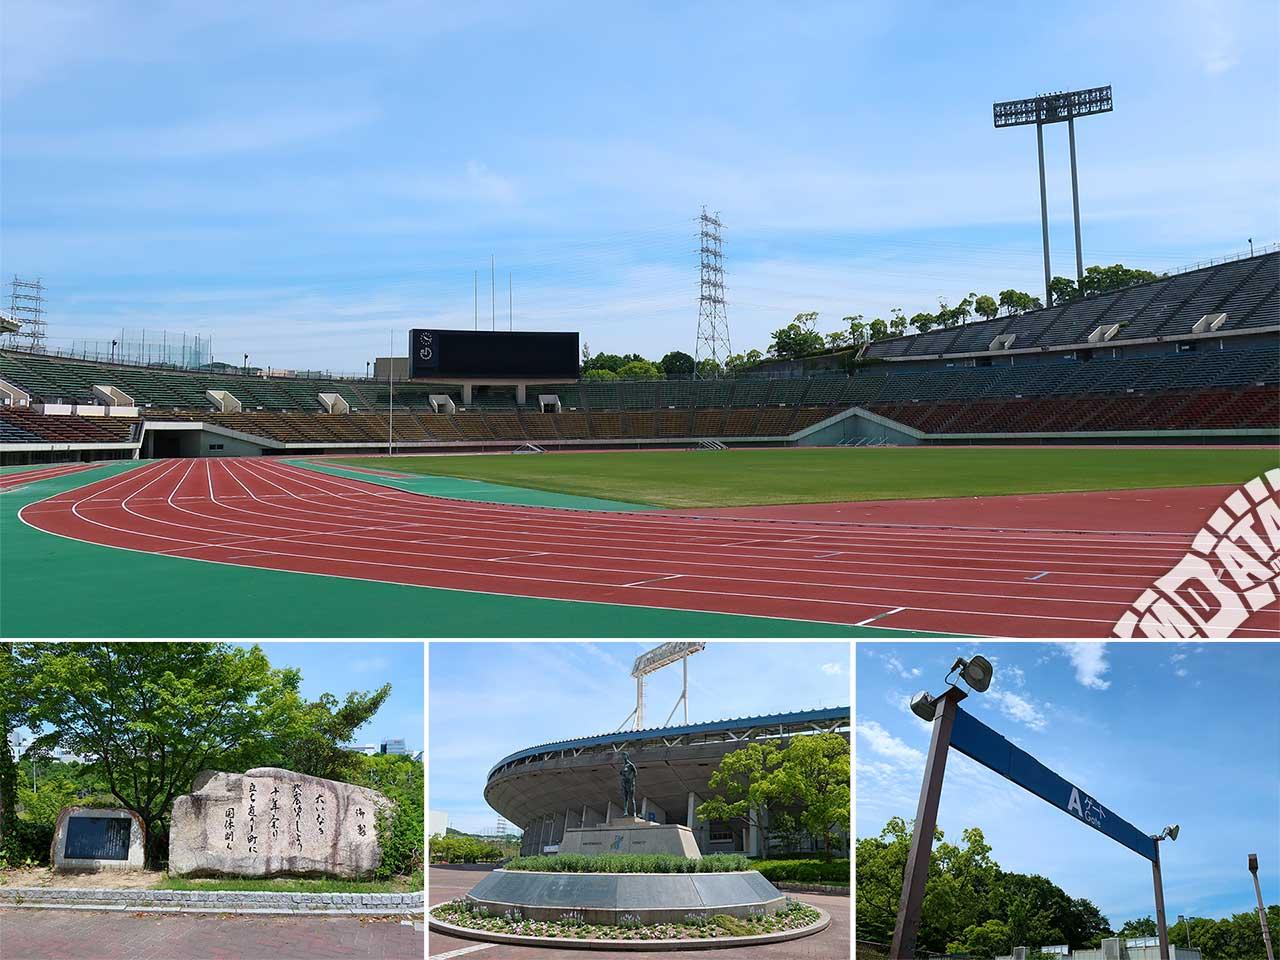 神戸総合運動公園ユニバー記念競技場の写真 撮影日:2019/5/29 Photo taken on 2019/05/29